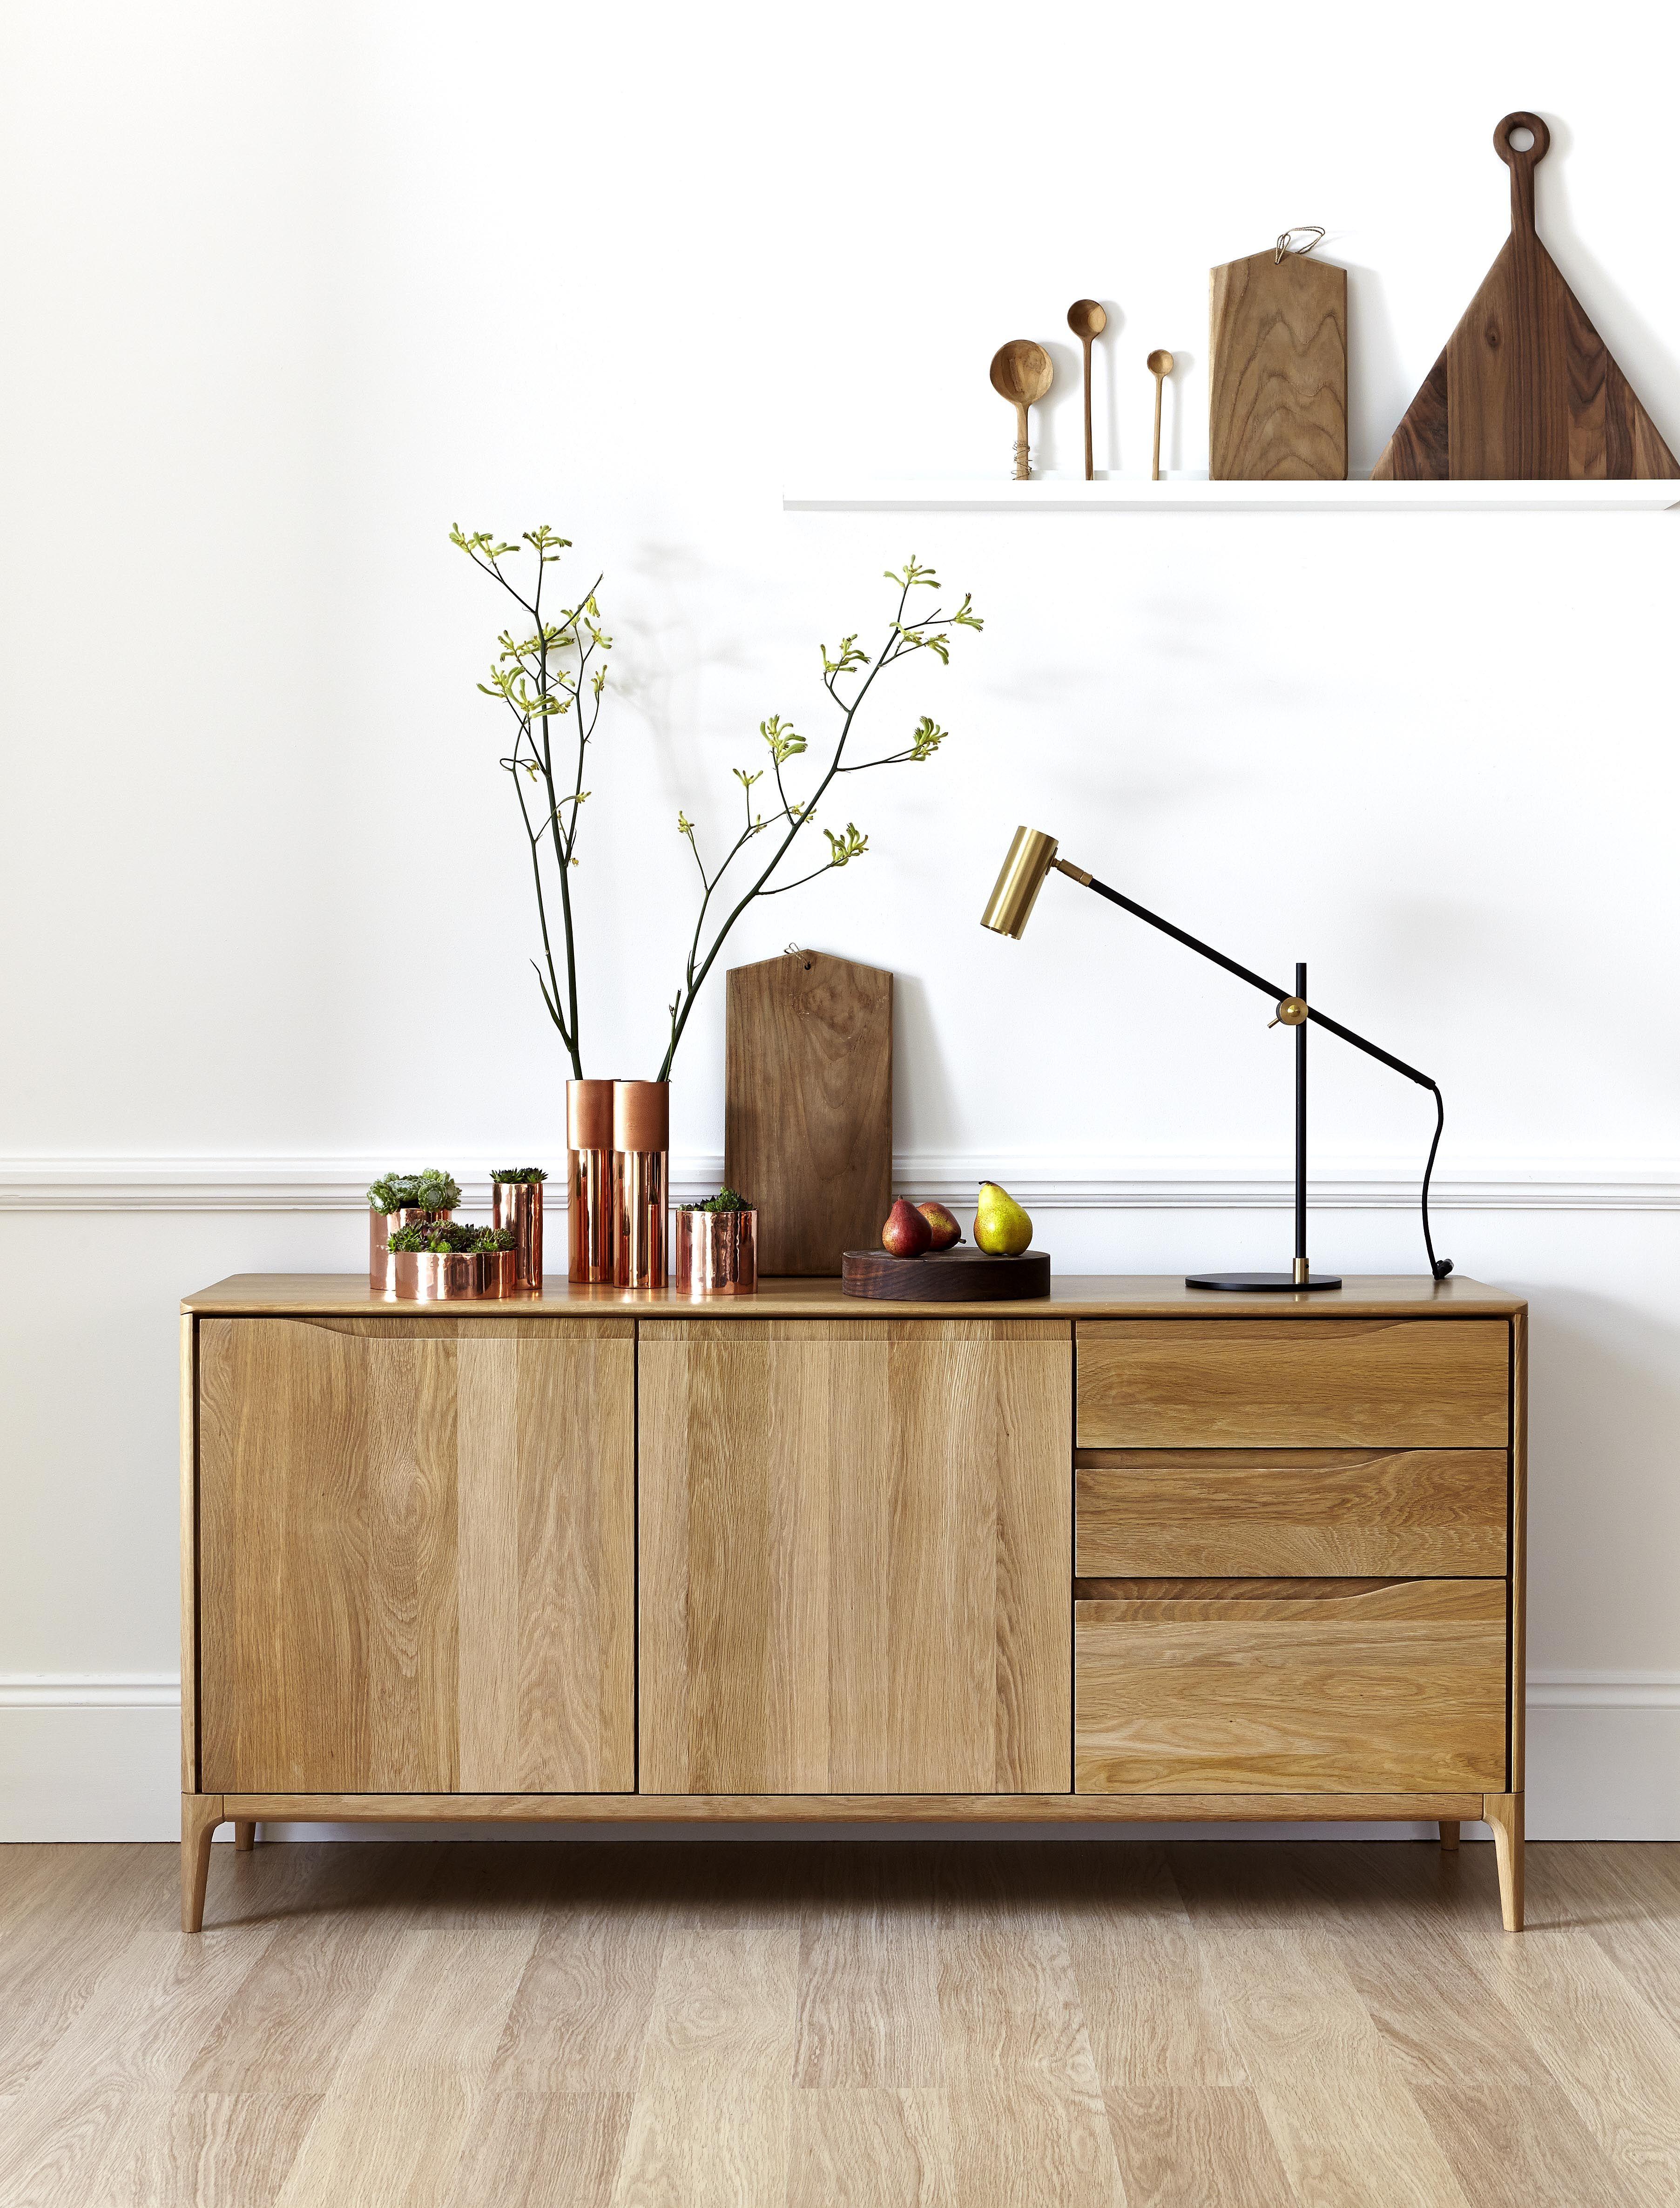 Verzauberkunst Sideboard Modern Dekoration Von Ercol Romana - Simplel, Mid Century Style.